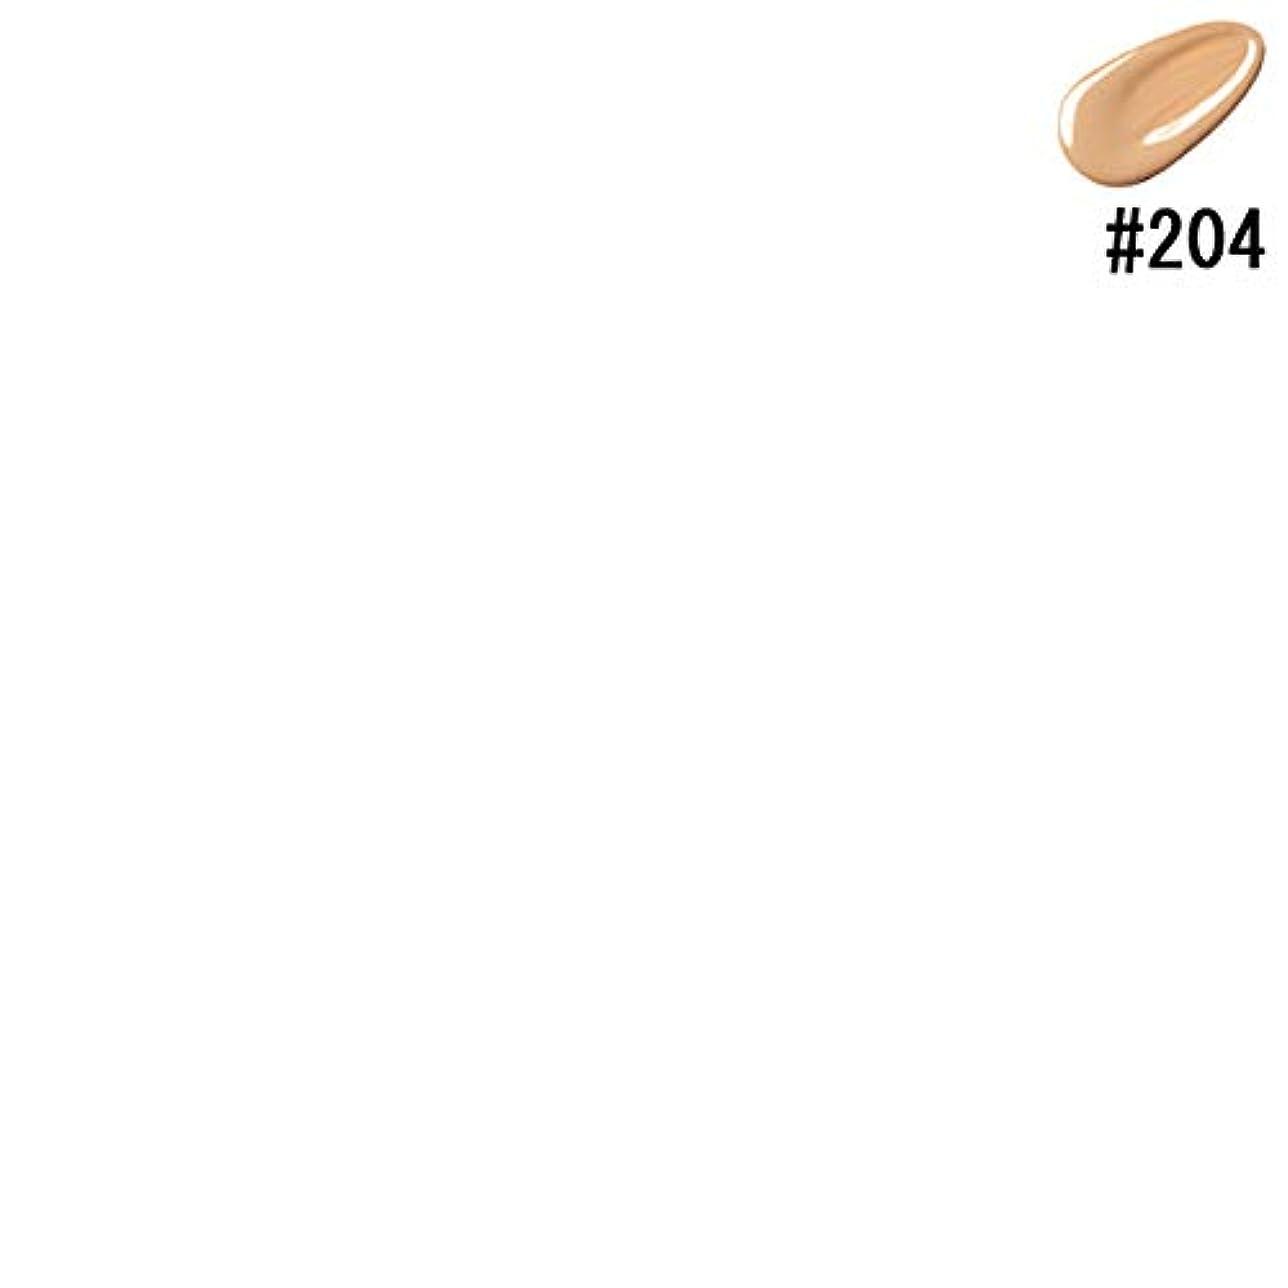 問い合わせる生き残りますの【スリー】アンジェリックシンセシスファンデーションセラム #204 30ml